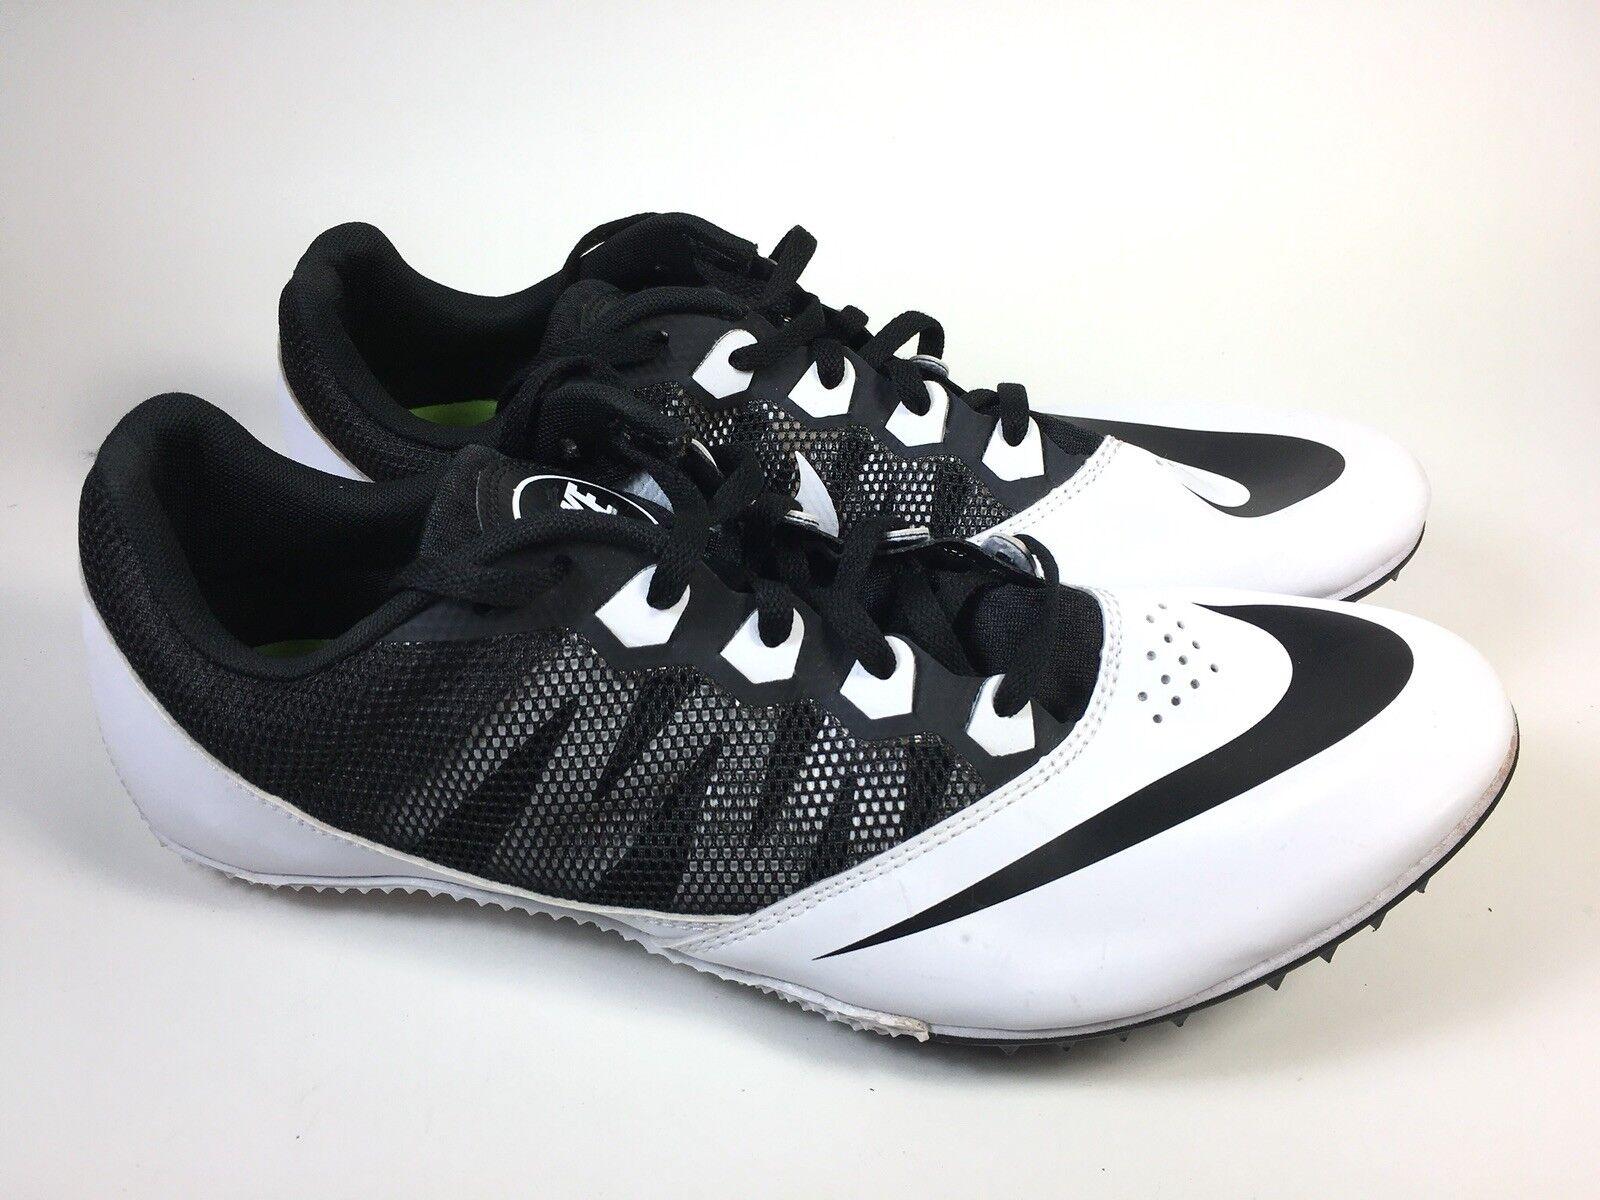 Nike rivale s md racing sprint sprint sprint 616313-017 uomini sz 11 bianco scarpe nere con i tacchetti | Moderno Ed Elegante A Moda  | Eccellente qualità  | Prezzo ottimale  fcba83